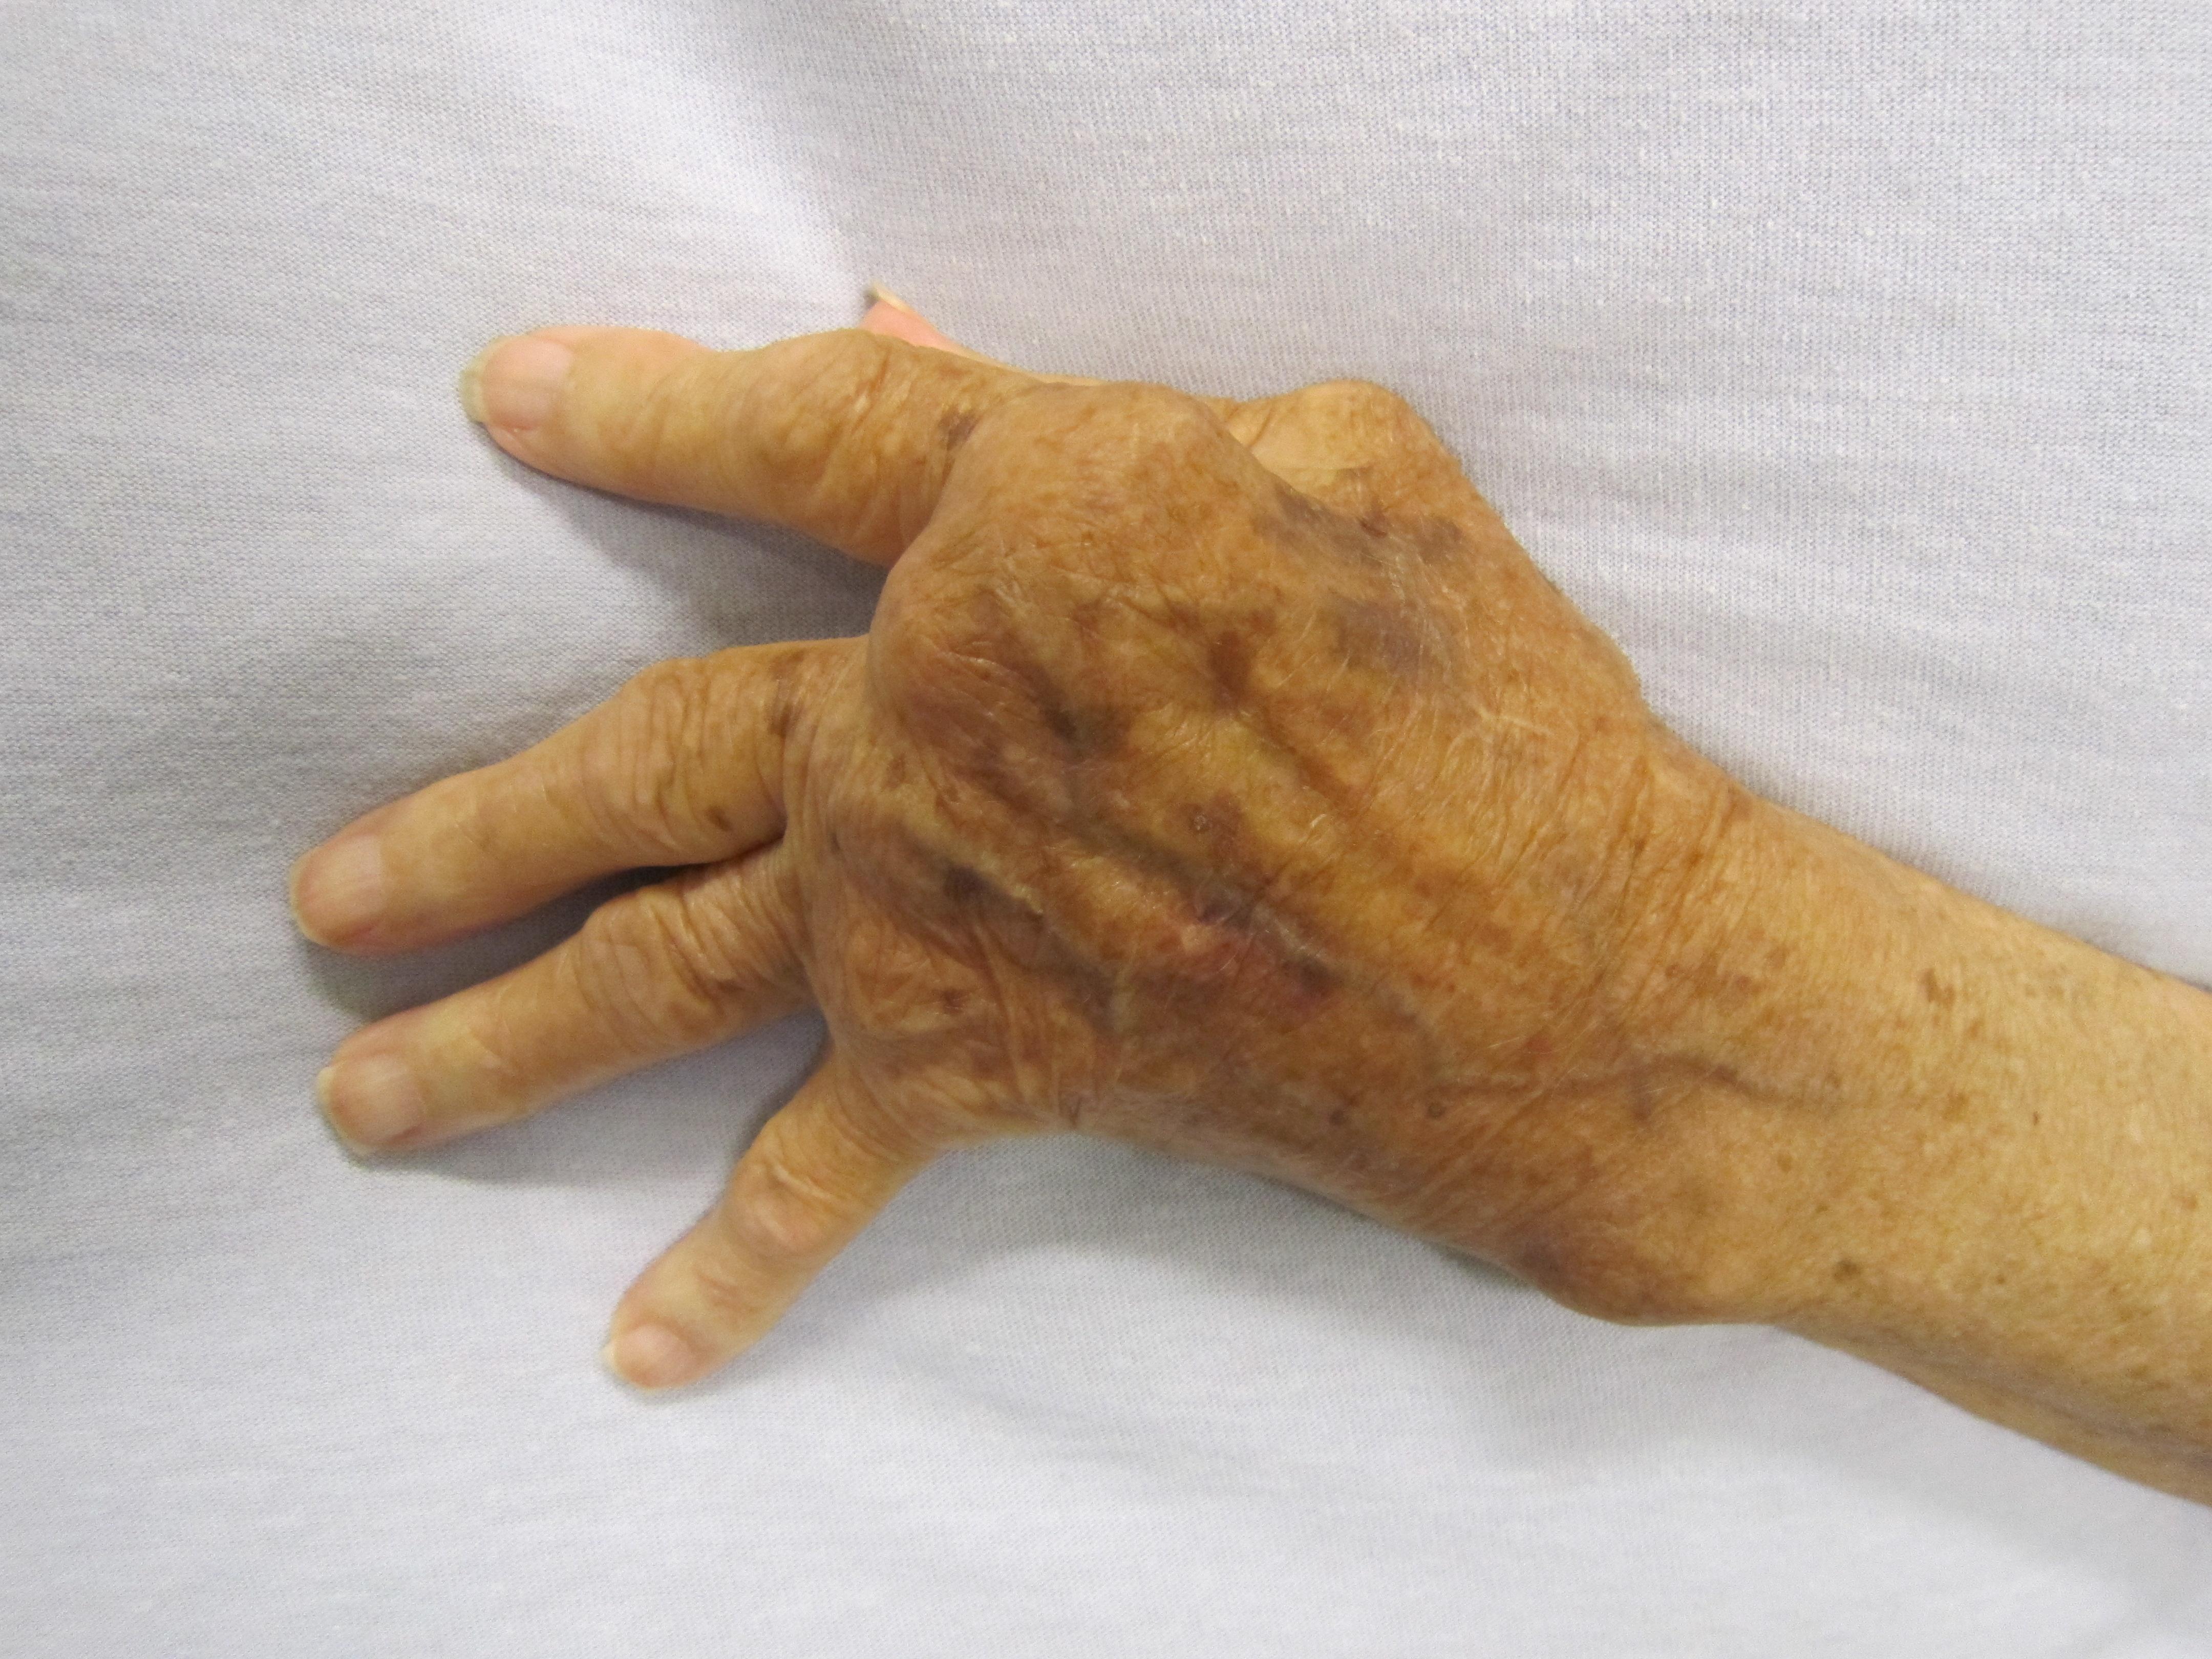 tabletta az ujjak ízületeinek gyulladására